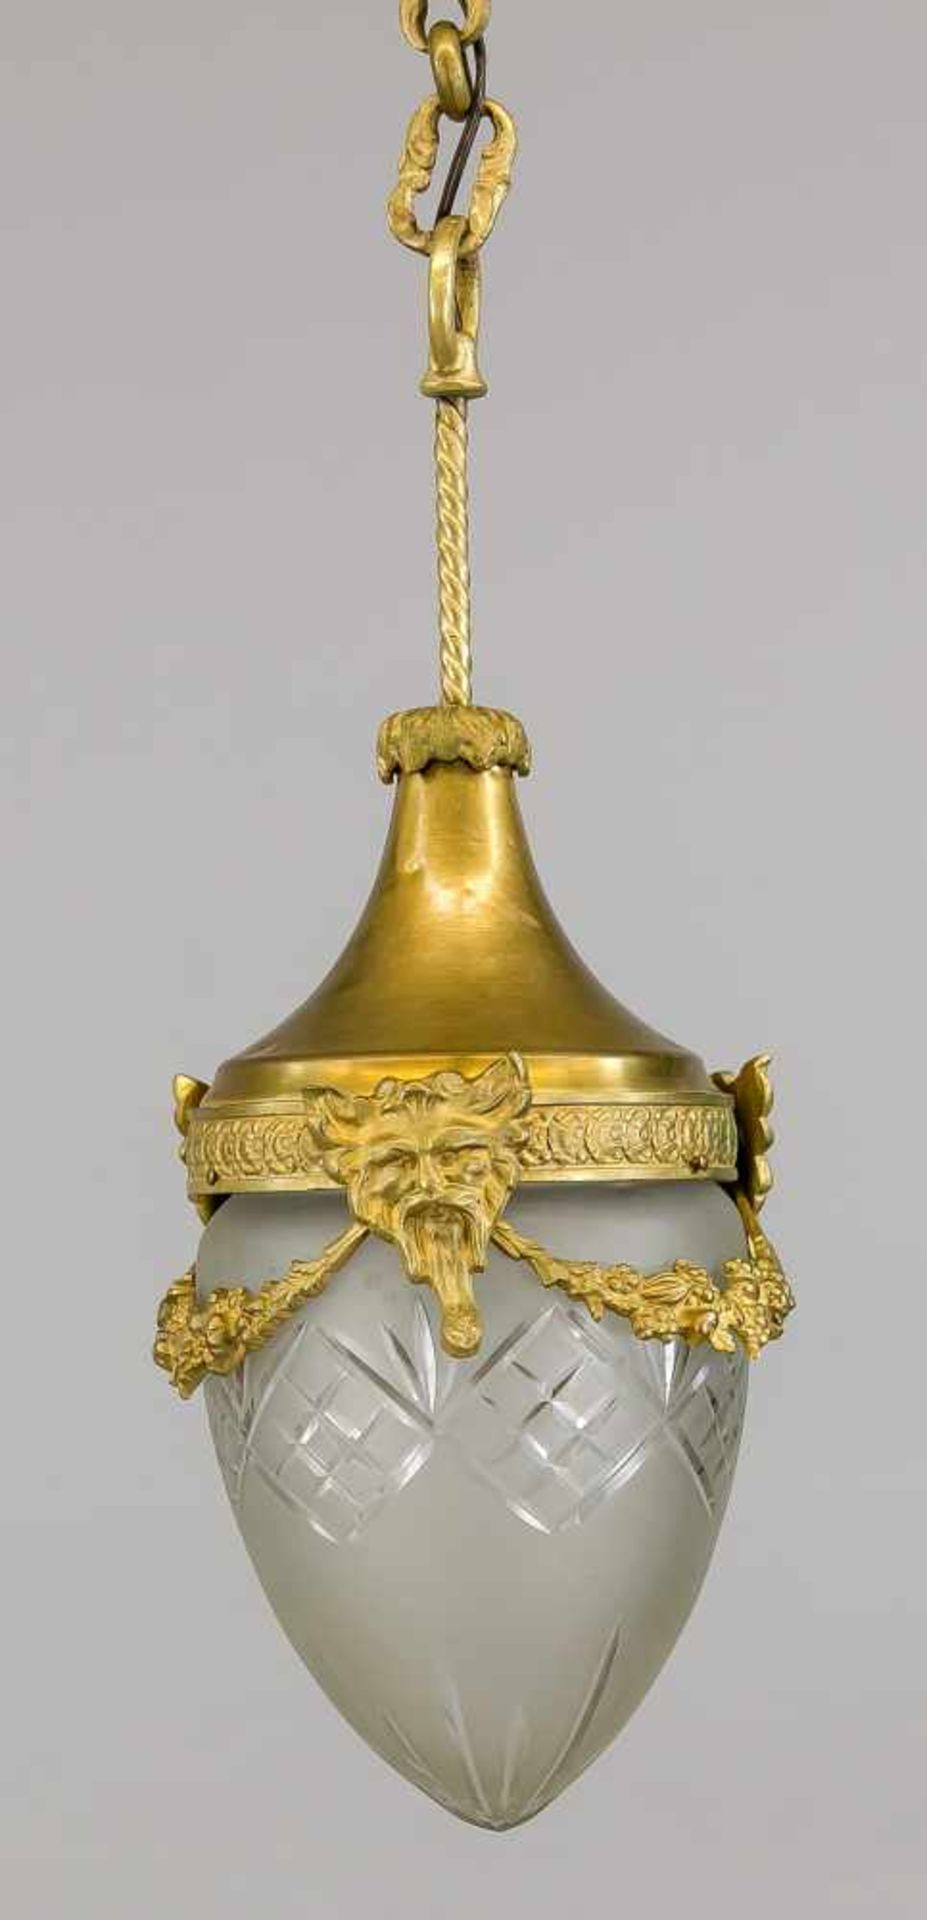 Deckenlampe, Ende 19. Jh., Bronze mit Restvergoldung. Fassung mit Maskarons und Girlande